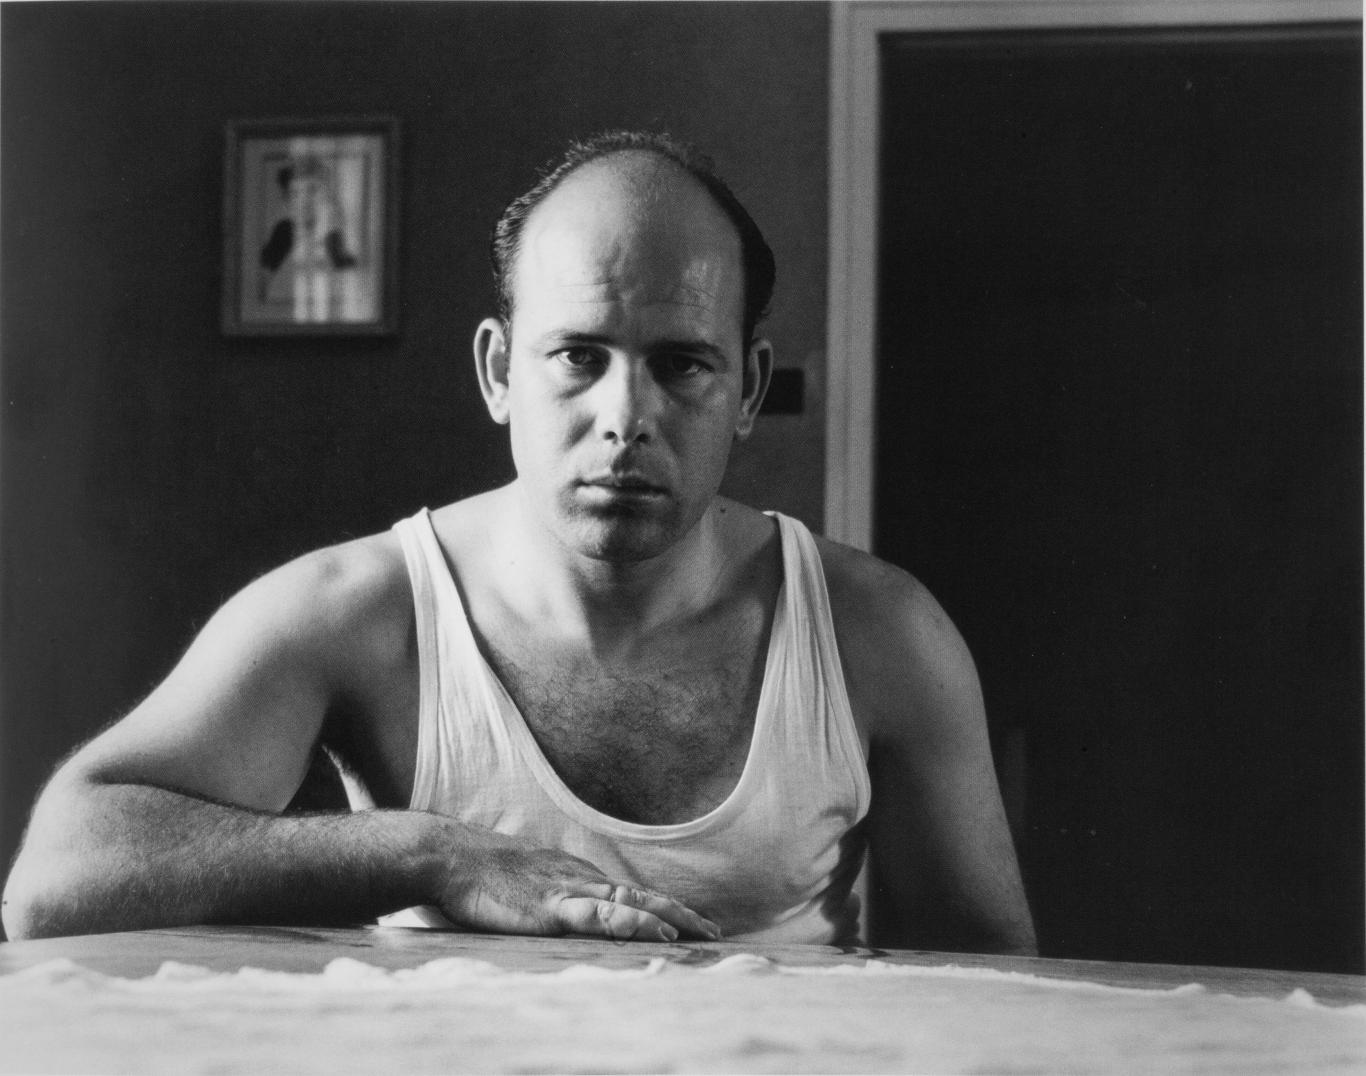 Autorretrato del fotógrafo Cualladó, sentado y con camiseta de tirantes blanca mira al espectador